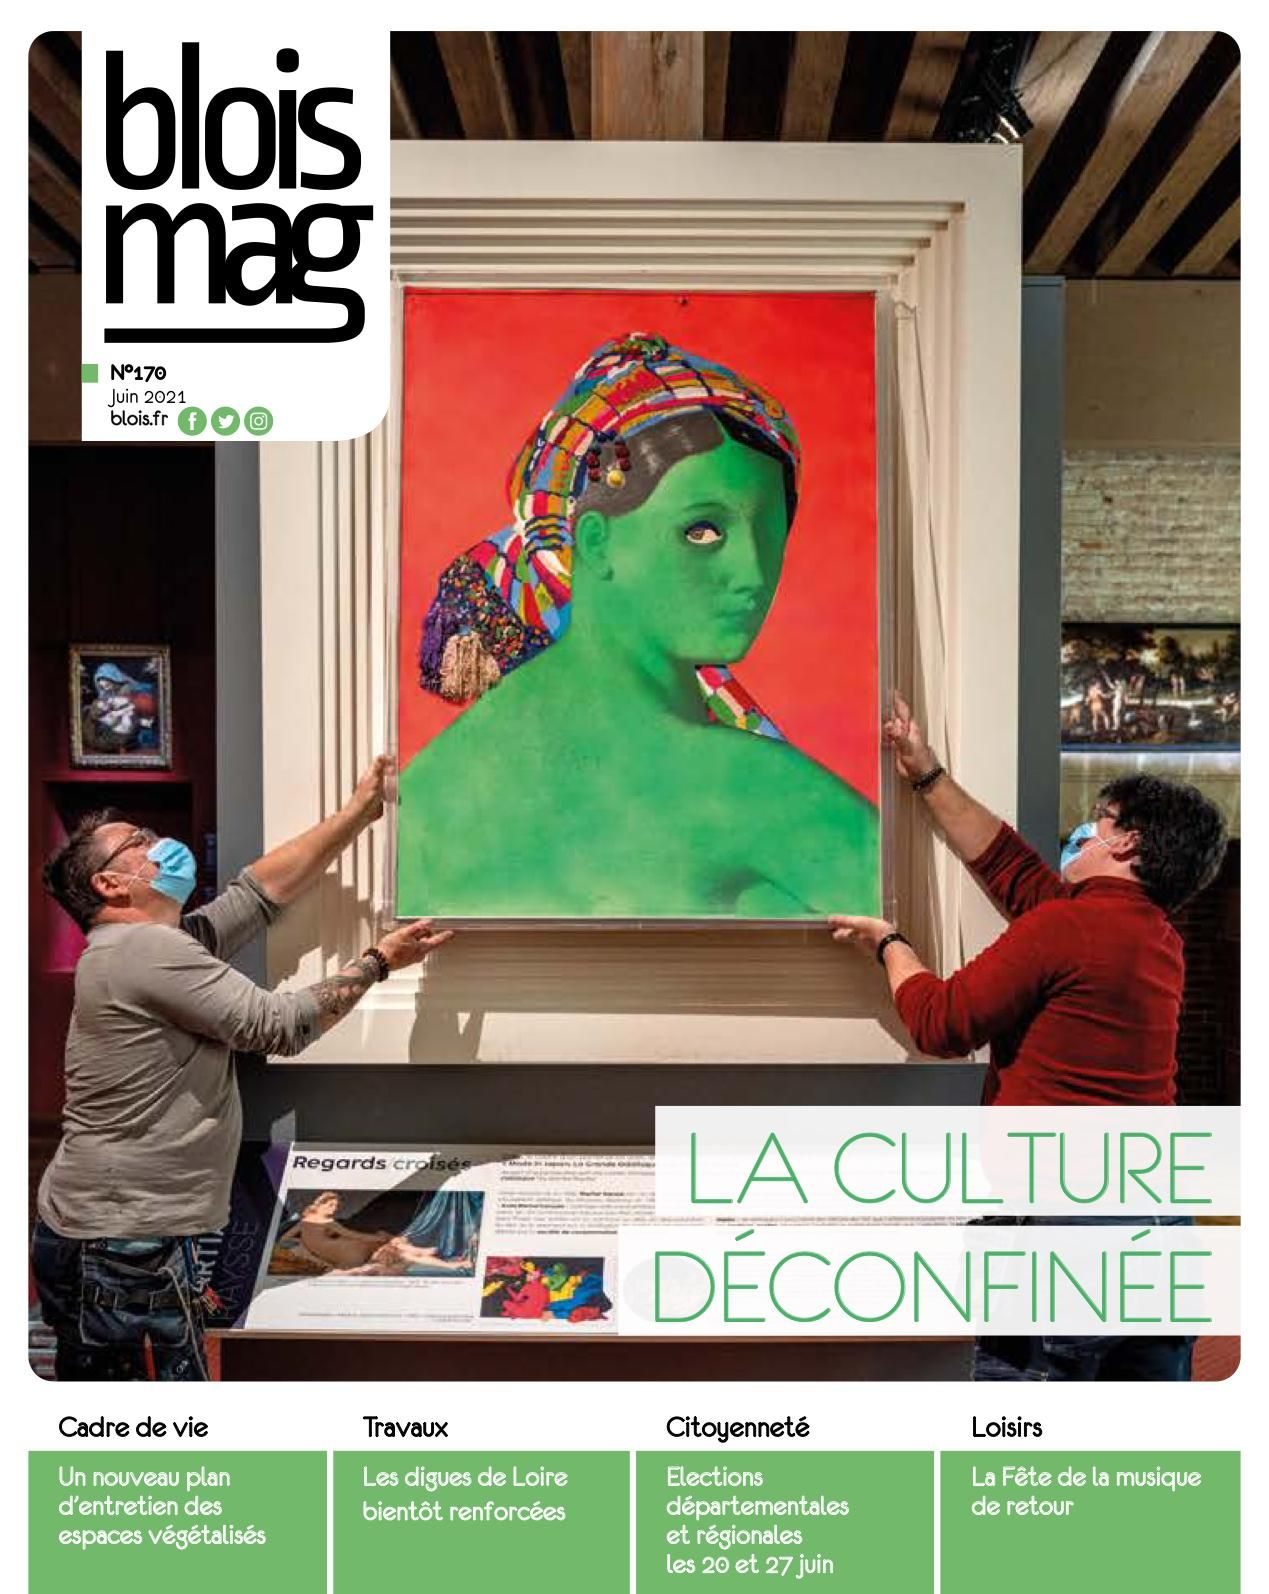 Encouverture: gros titre «La culture déconfinée», avec en photo deux agents du Château qui accrochent le célèbre tableau de Martial Raysse pour une nouvelle exposition au Château royal.